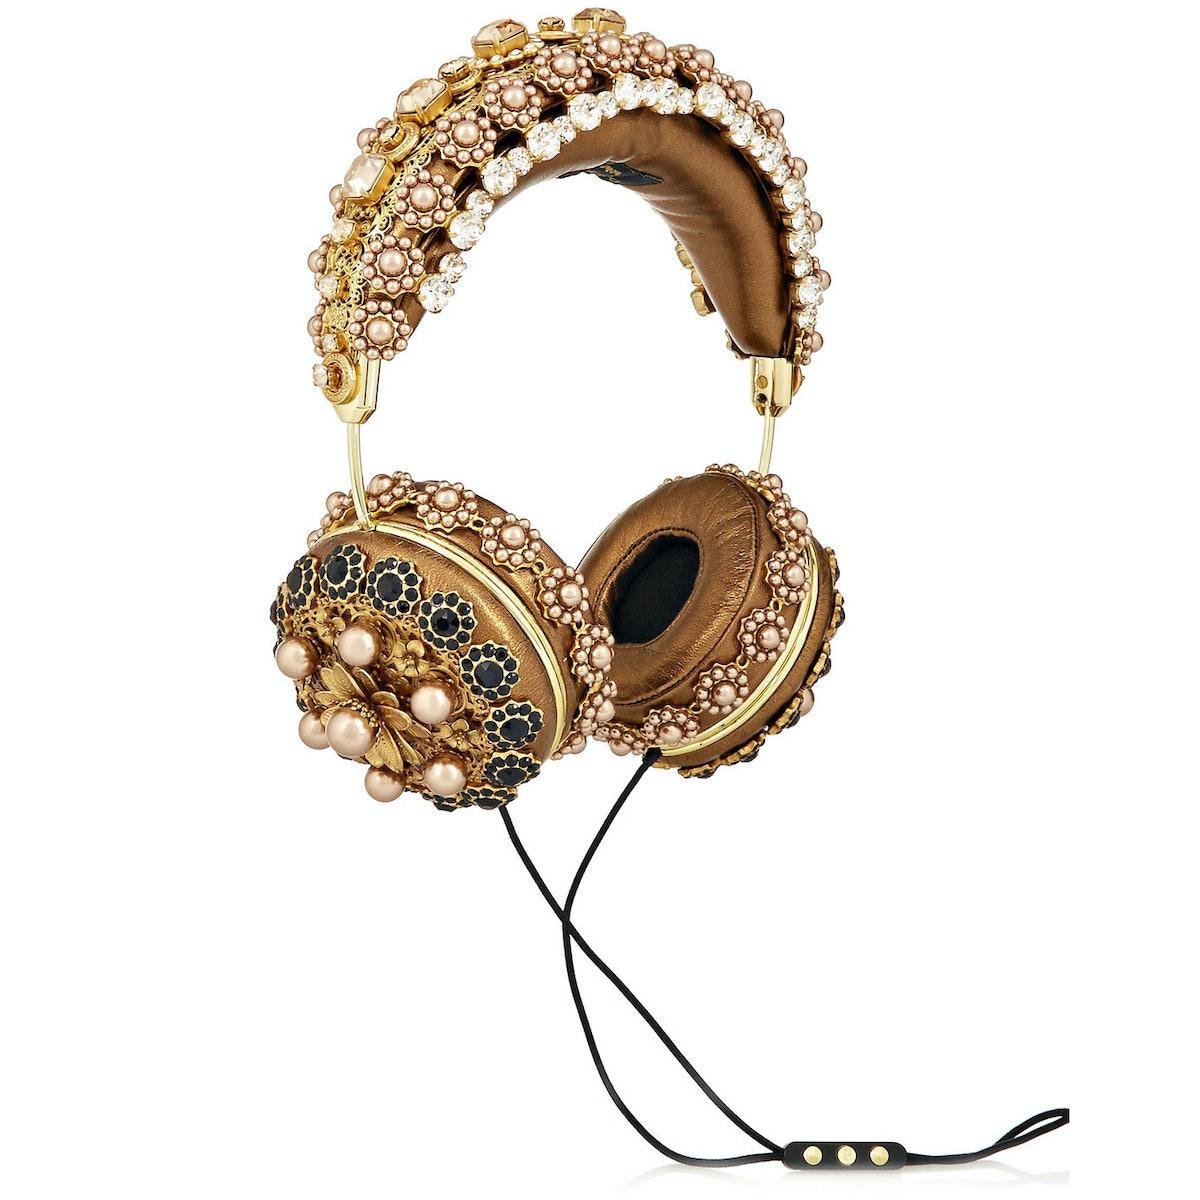 Dolce & Gabbana x Friends Headphones